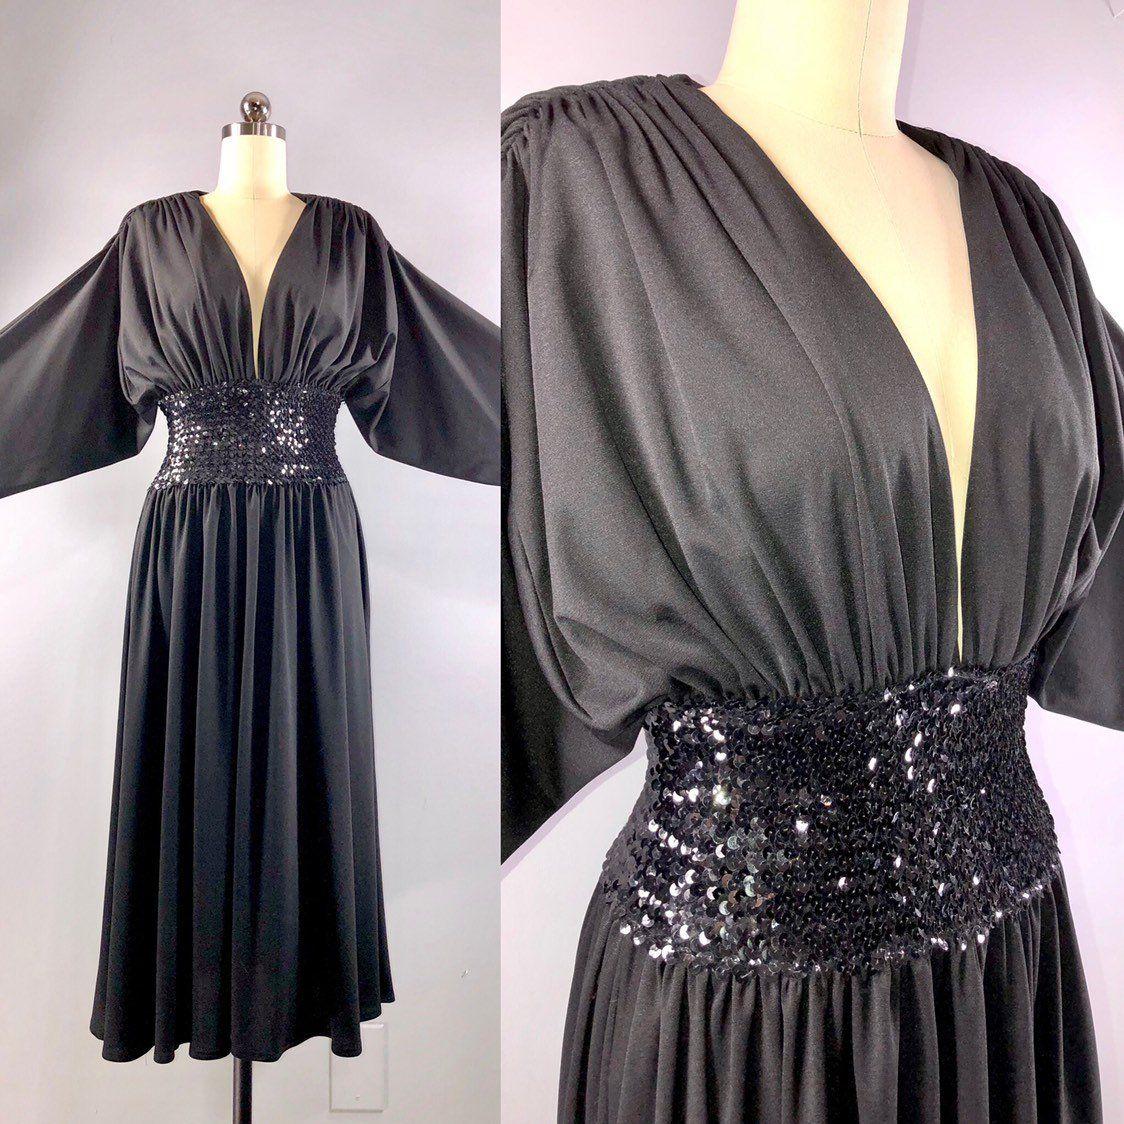 Sherbet 70s Dress Vintage 1970s Black Jersey Sequin Batwing Etsy Black Jersey Knit Dress 70s Dresses Vintage Jersey Knit Dress [ 1124 x 1124 Pixel ]